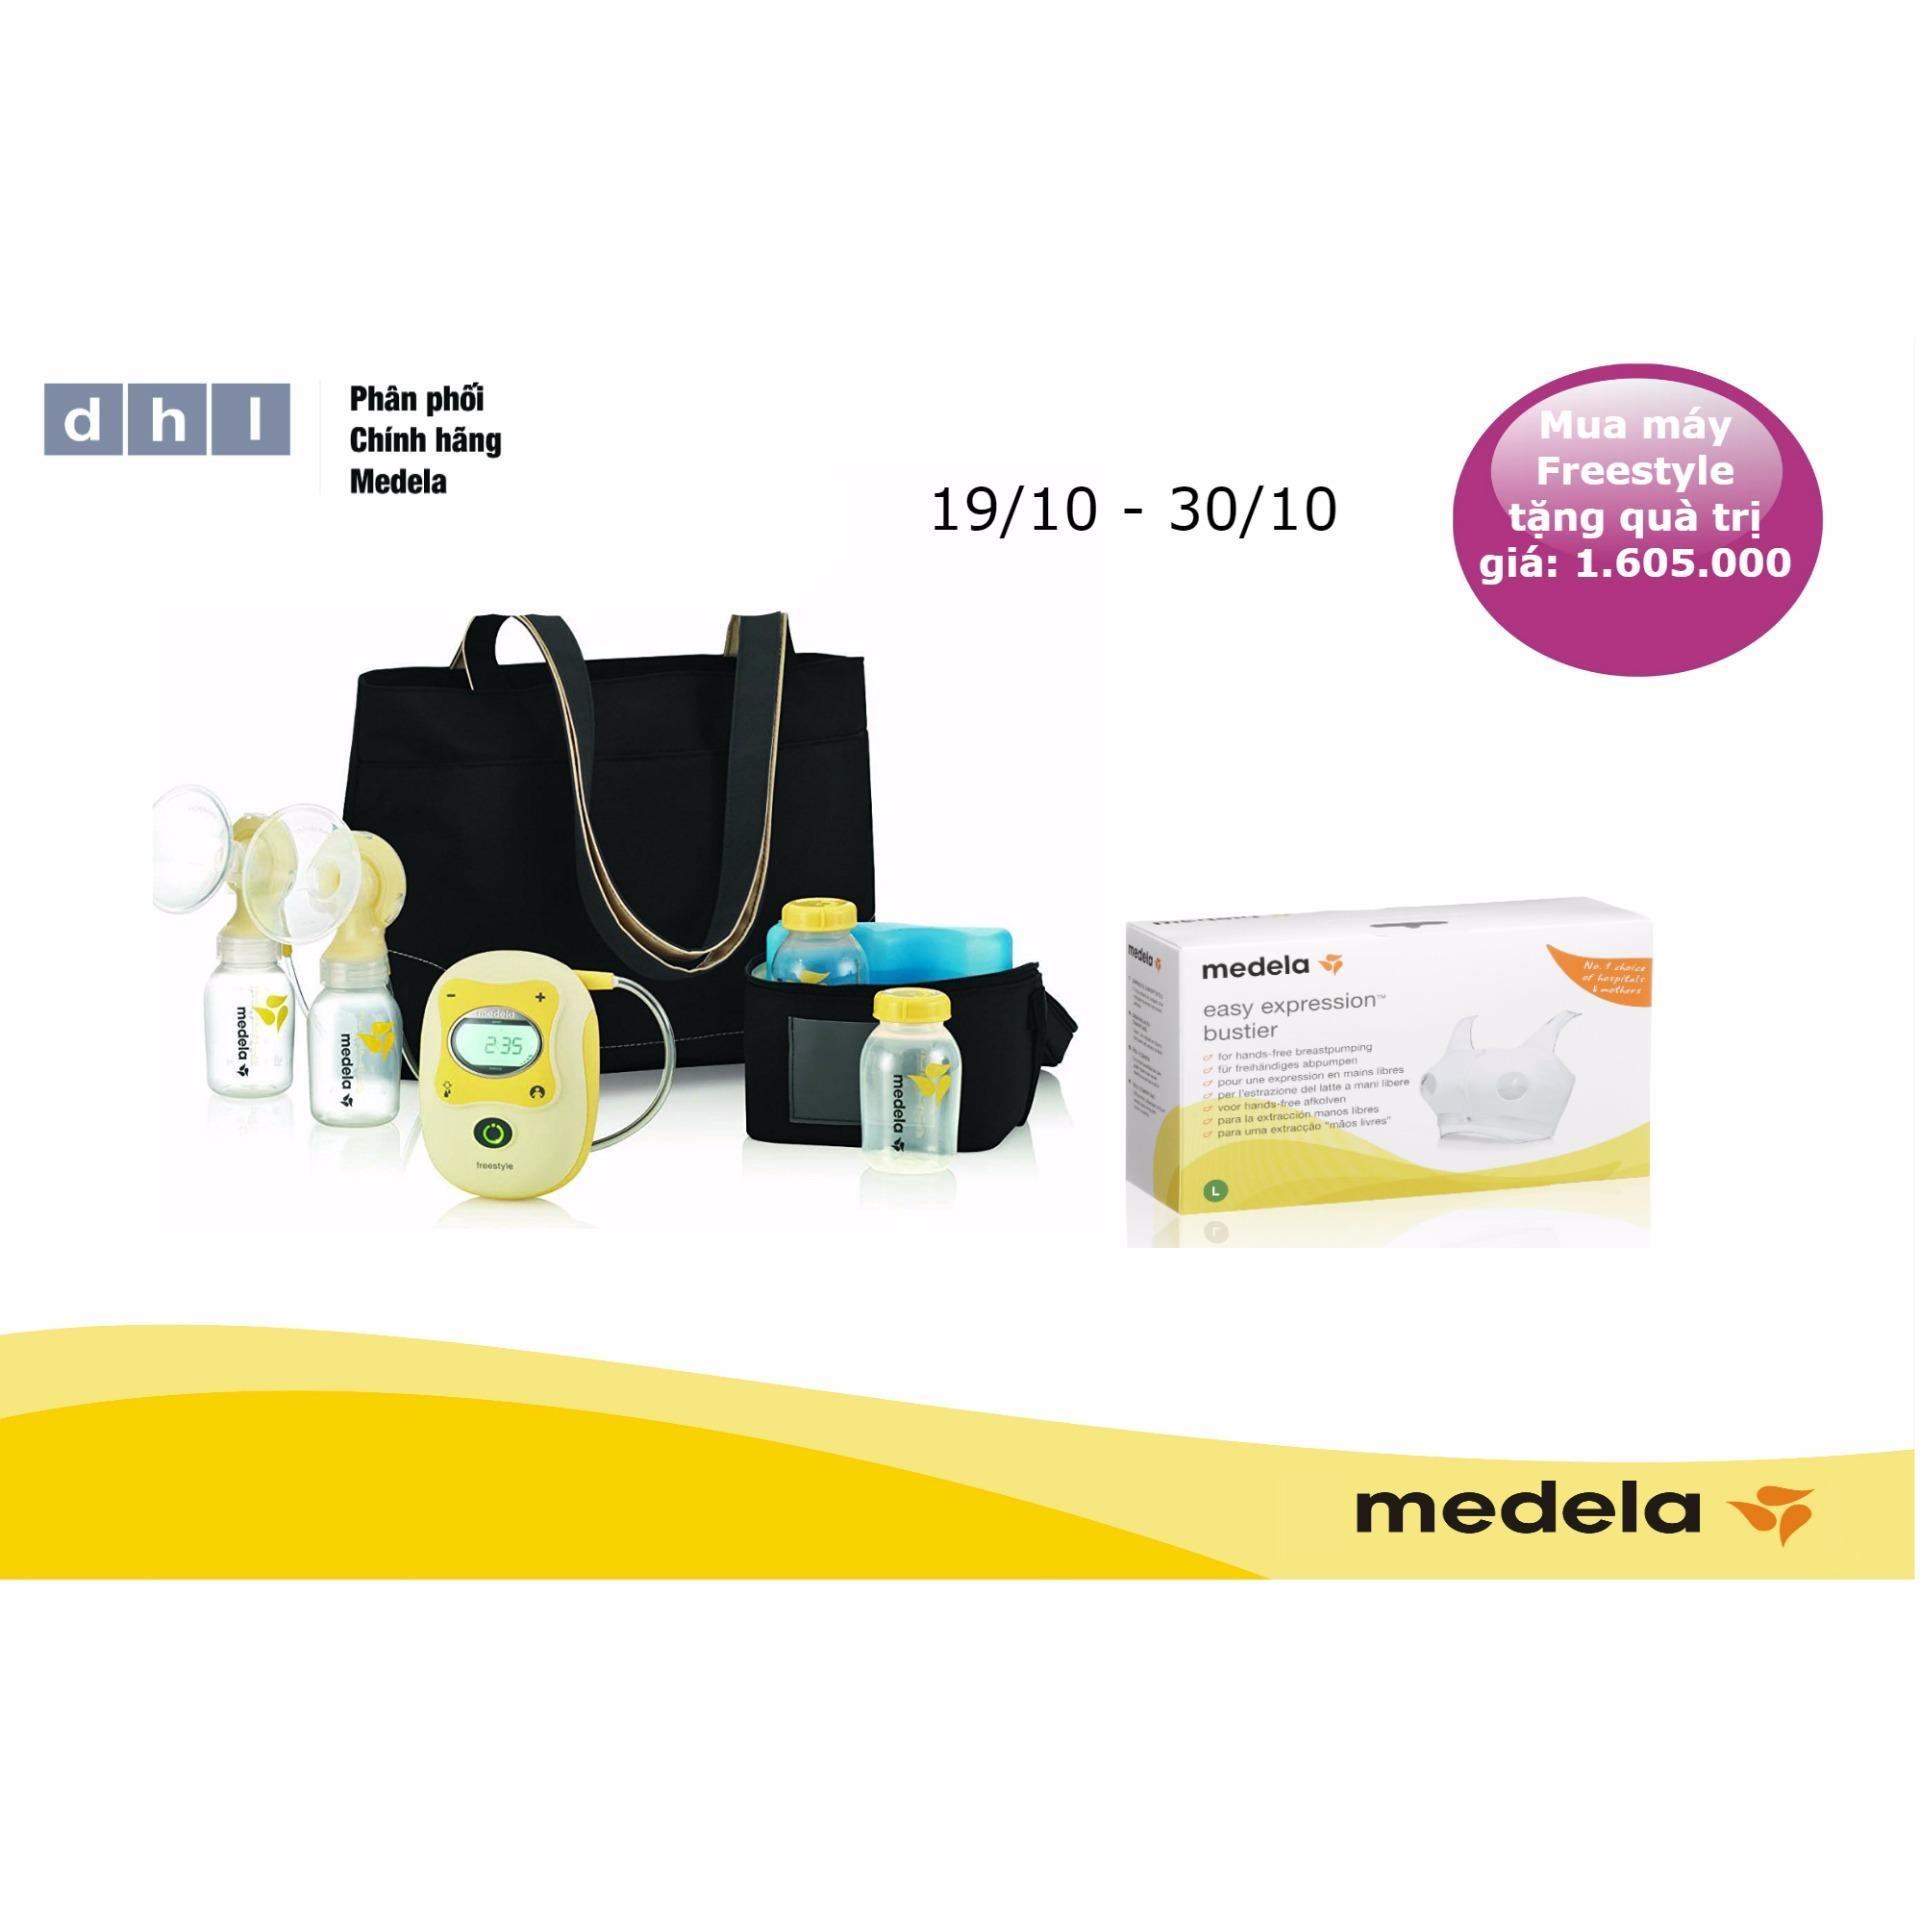 Ôn Tập May Hut Sữa Medela Freestyle Tặng 1 Ao Hut Sữa Rảnh Tay Easy Va 1 Num Calma Hang Phan Phối Chinh Thức Medela Thụy Sĩ Trong Hà Nội